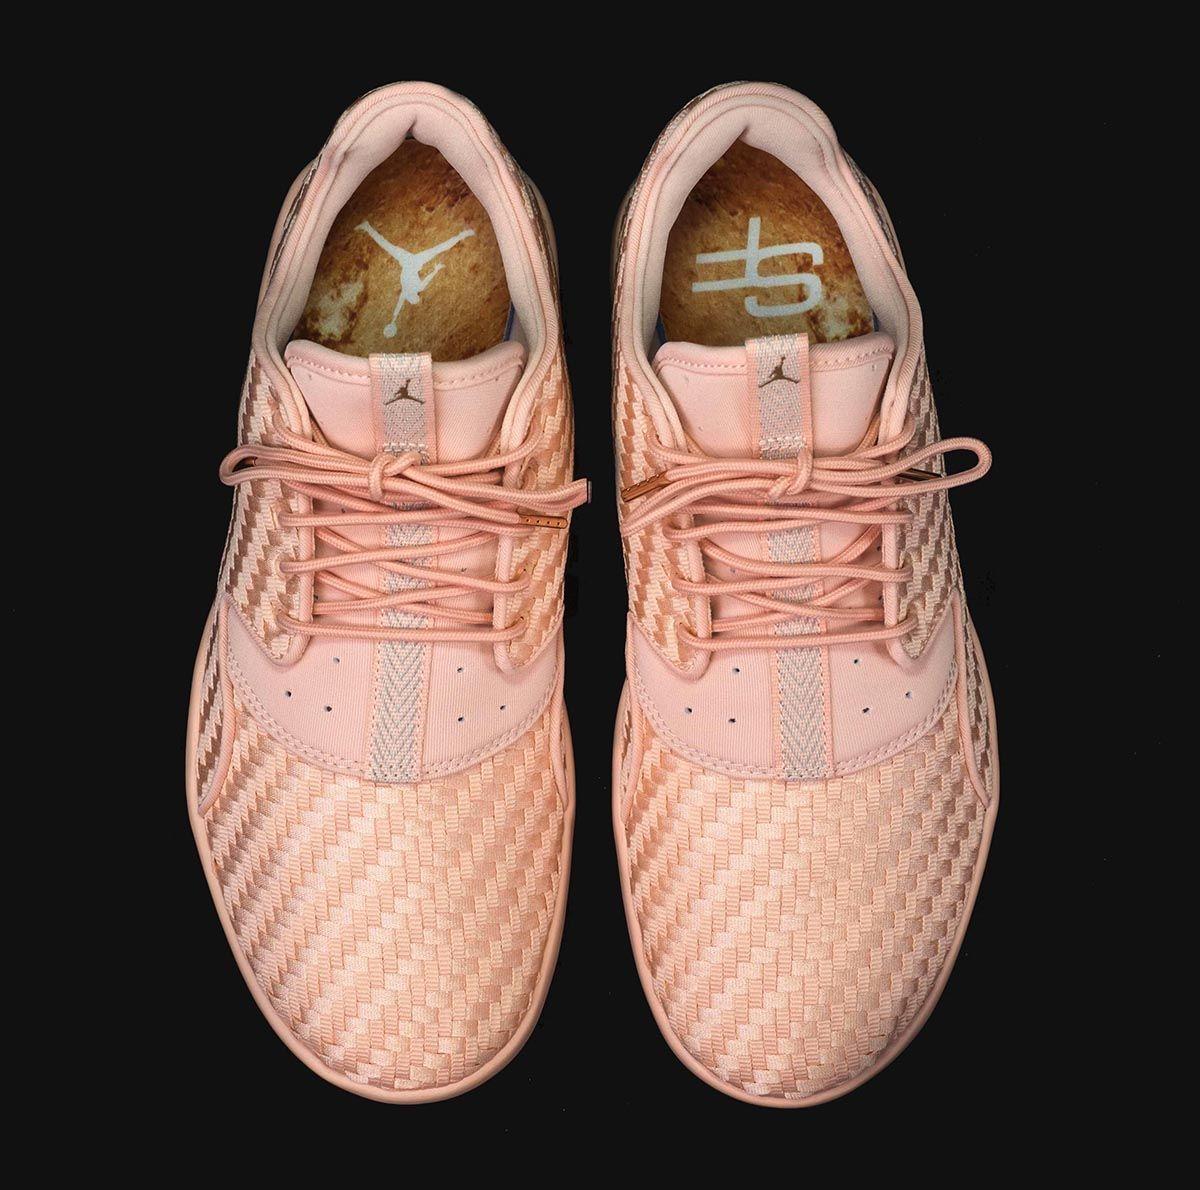 watch d2ead b220e SoleFly s Jordan Eclipse SP Pack is Inspired by Mars - EU Kicks  Sneaker  Magazine